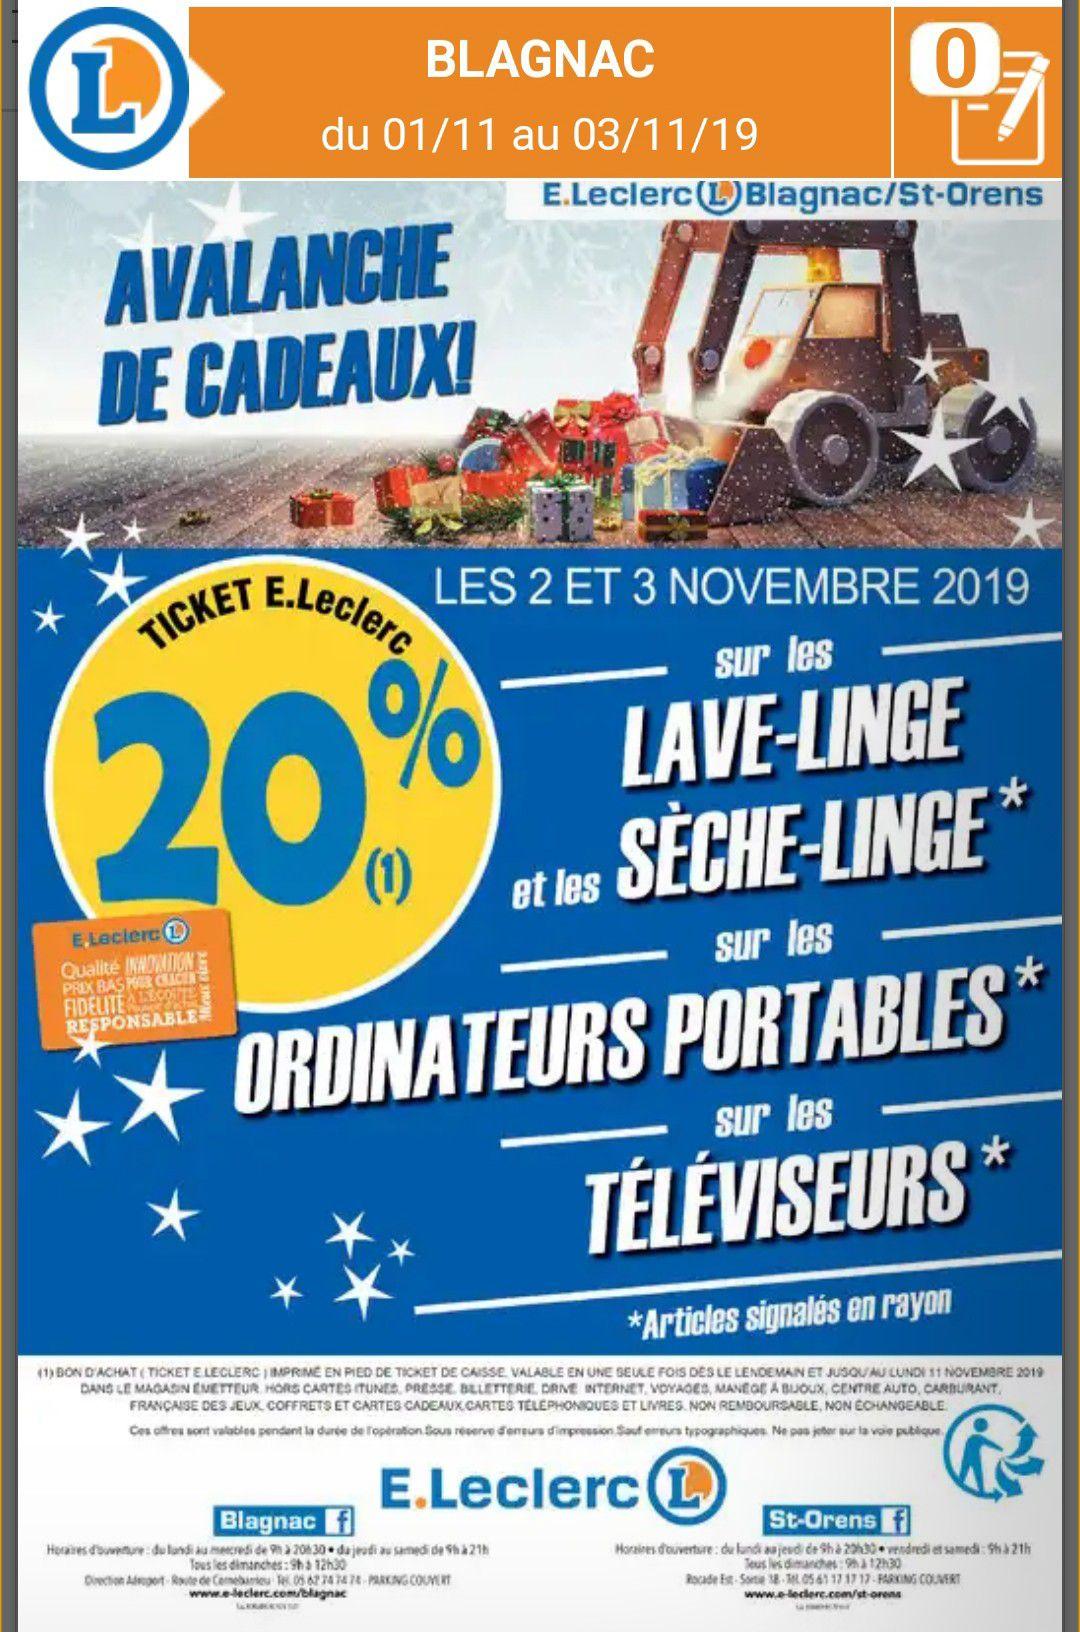 20% remboursés en bon d'achat sur une sélection de sèche linge, lave linge, ordinateurs portables, téléviseurs (Blagnac / Saint Orens 31)